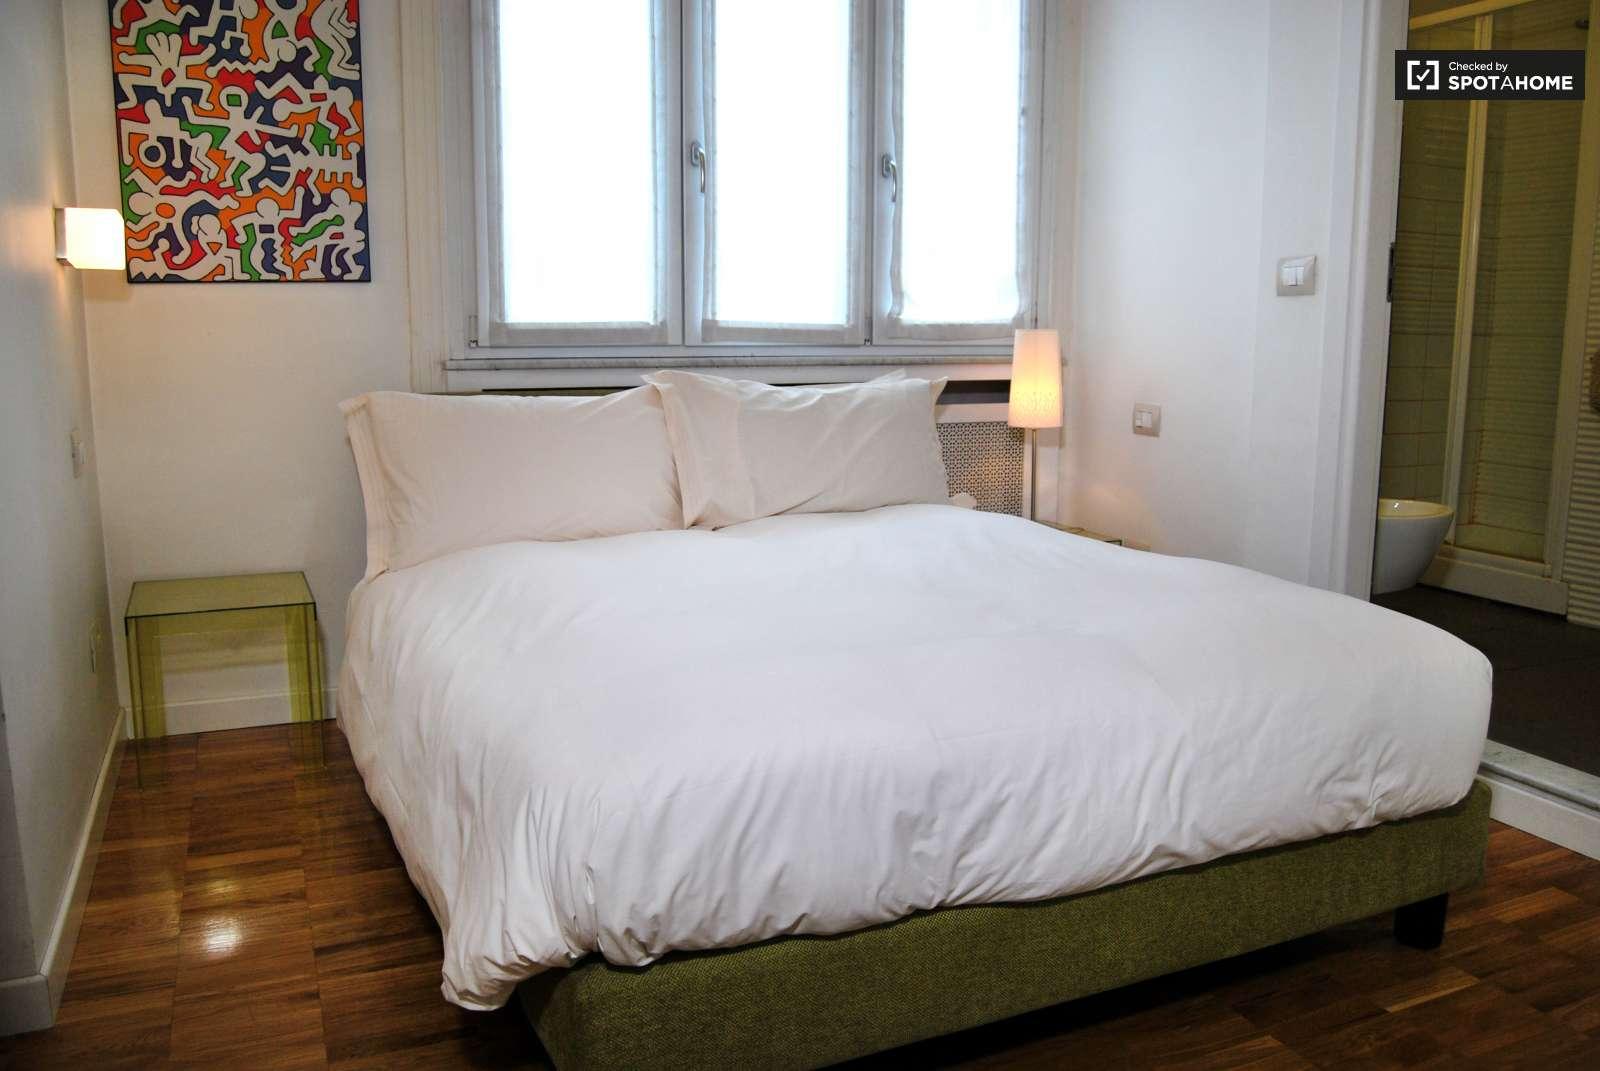 Pianta Camera Da Letto Matrimoniale : Accogliente bilocale in affitto porta nuova milano ref: 88894